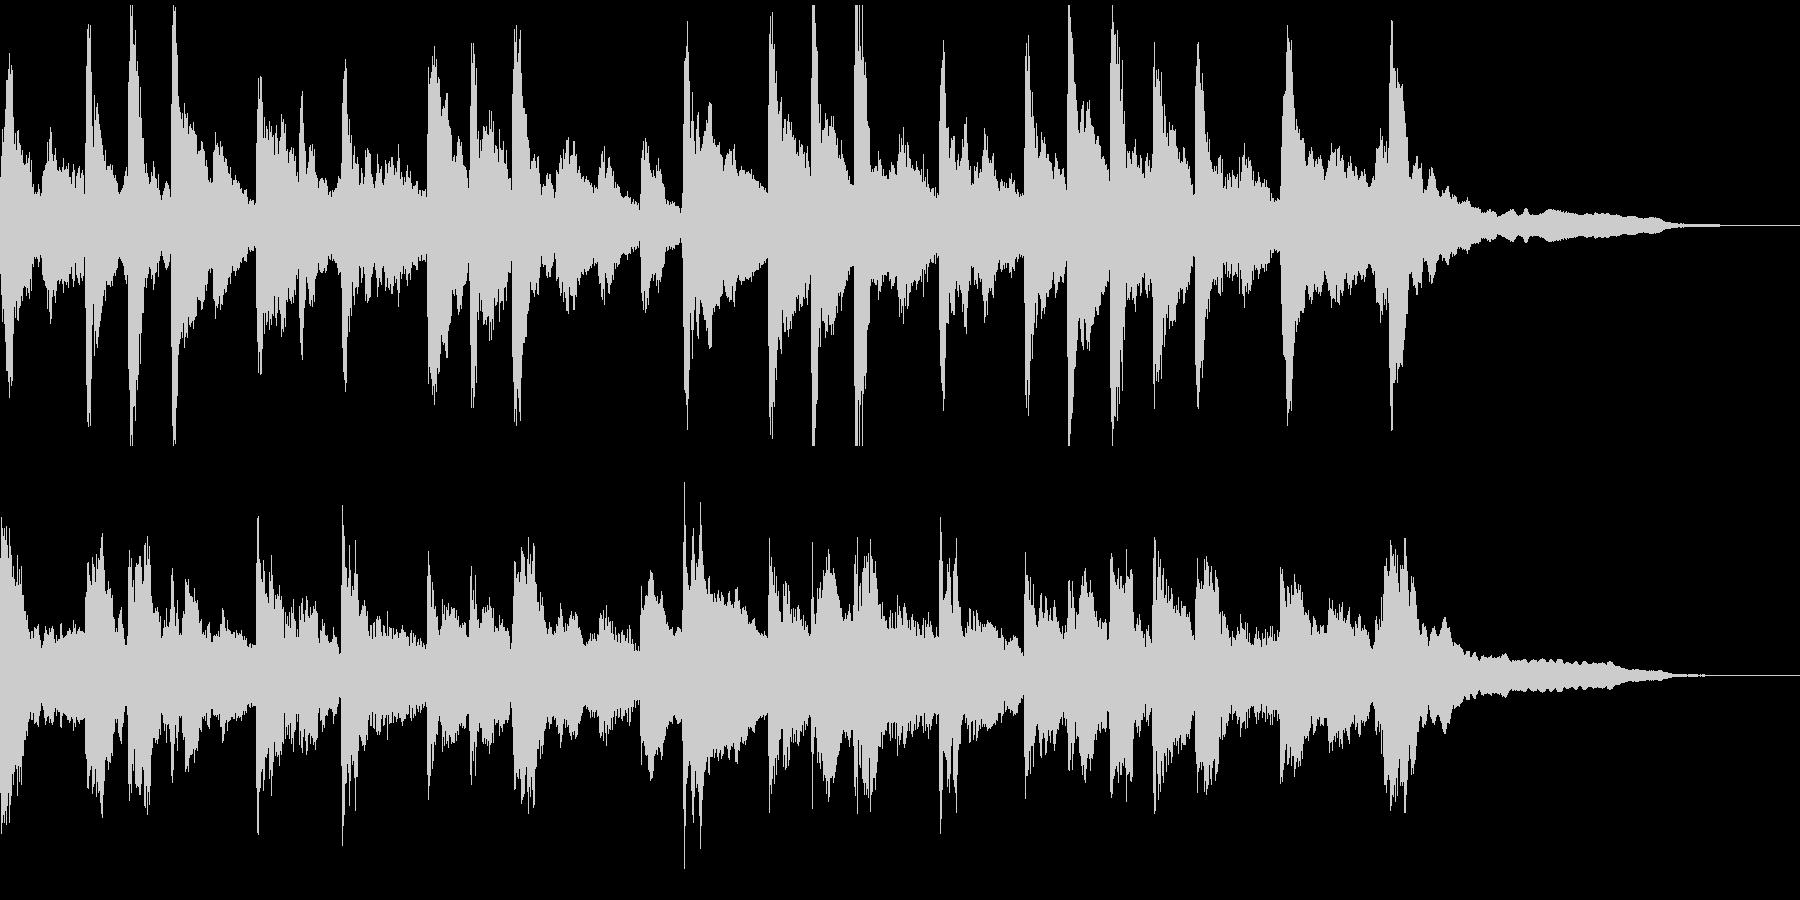 おだやかなピアノのCM向けBGMの未再生の波形